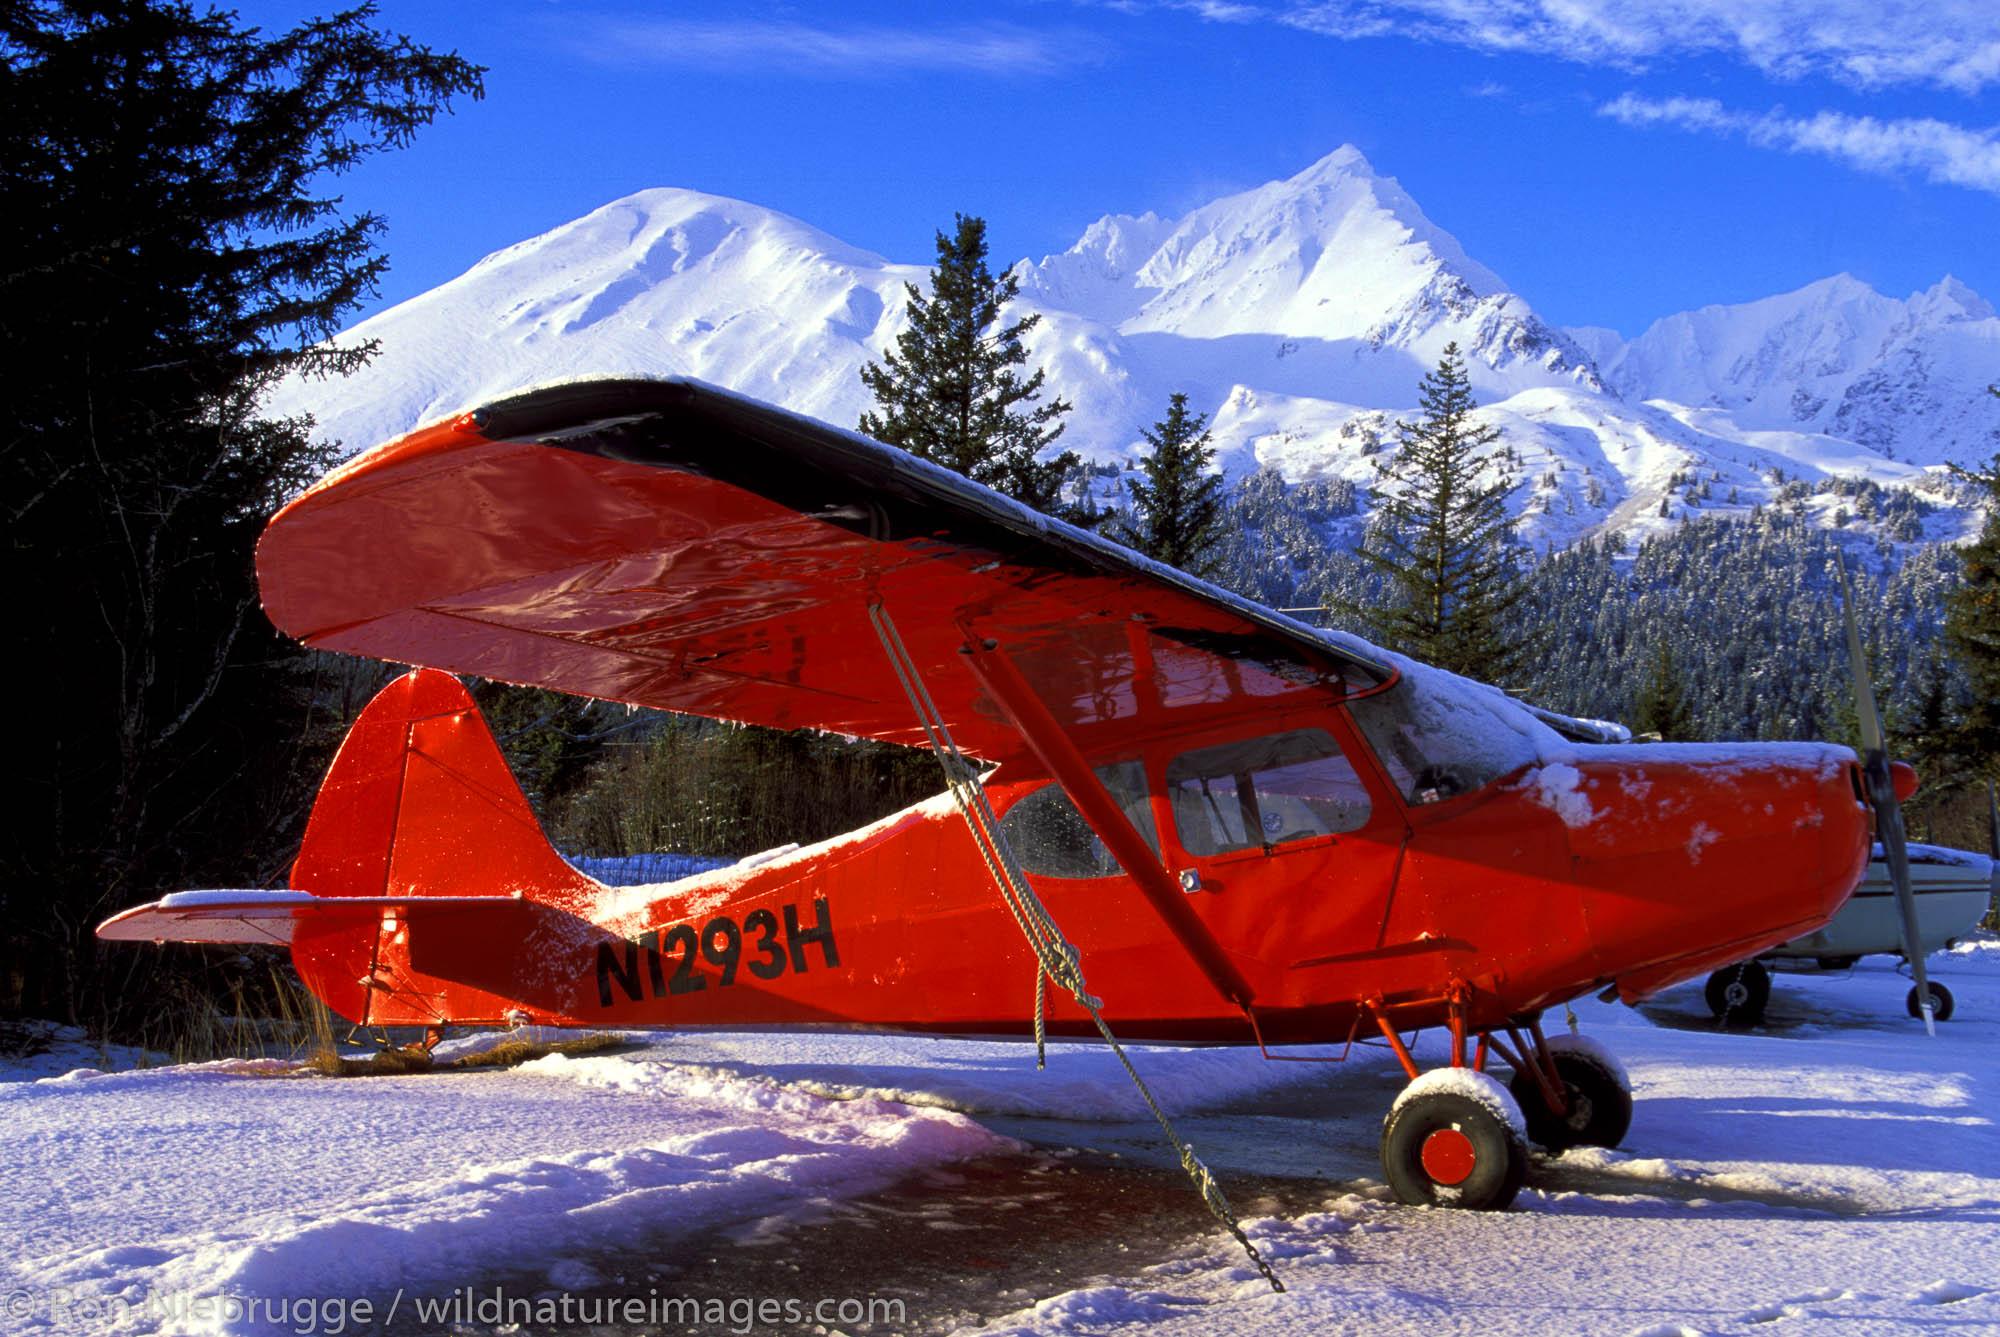 1948 Aeronica Sedan.  Seward Airport.  Kenai Peninsula, Alaska.